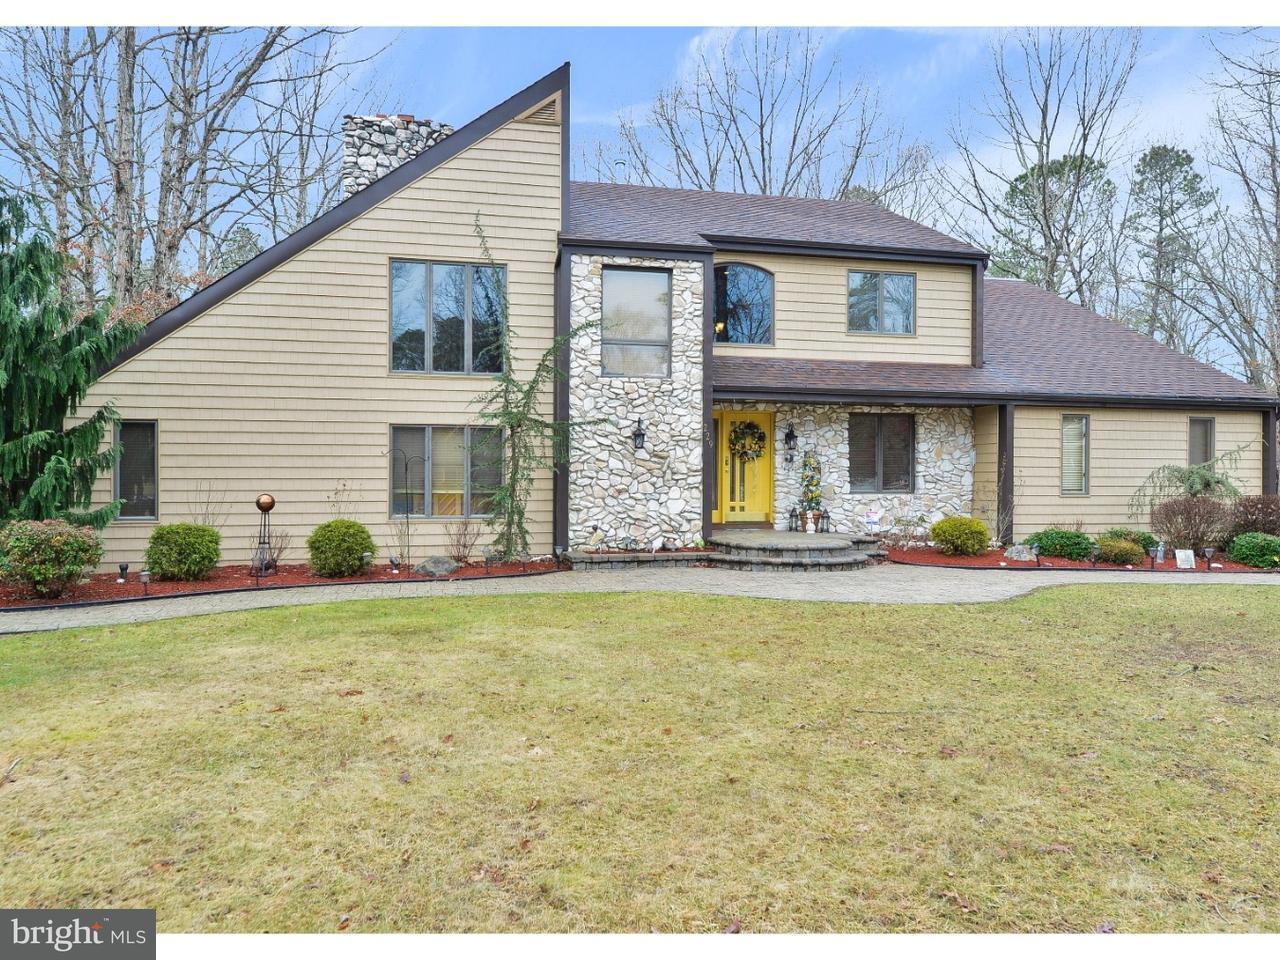 一戸建て のために 売買 アット 229 MAPLE TER Buena Vista Township, ニュージャージー 08310 アメリカ合衆国